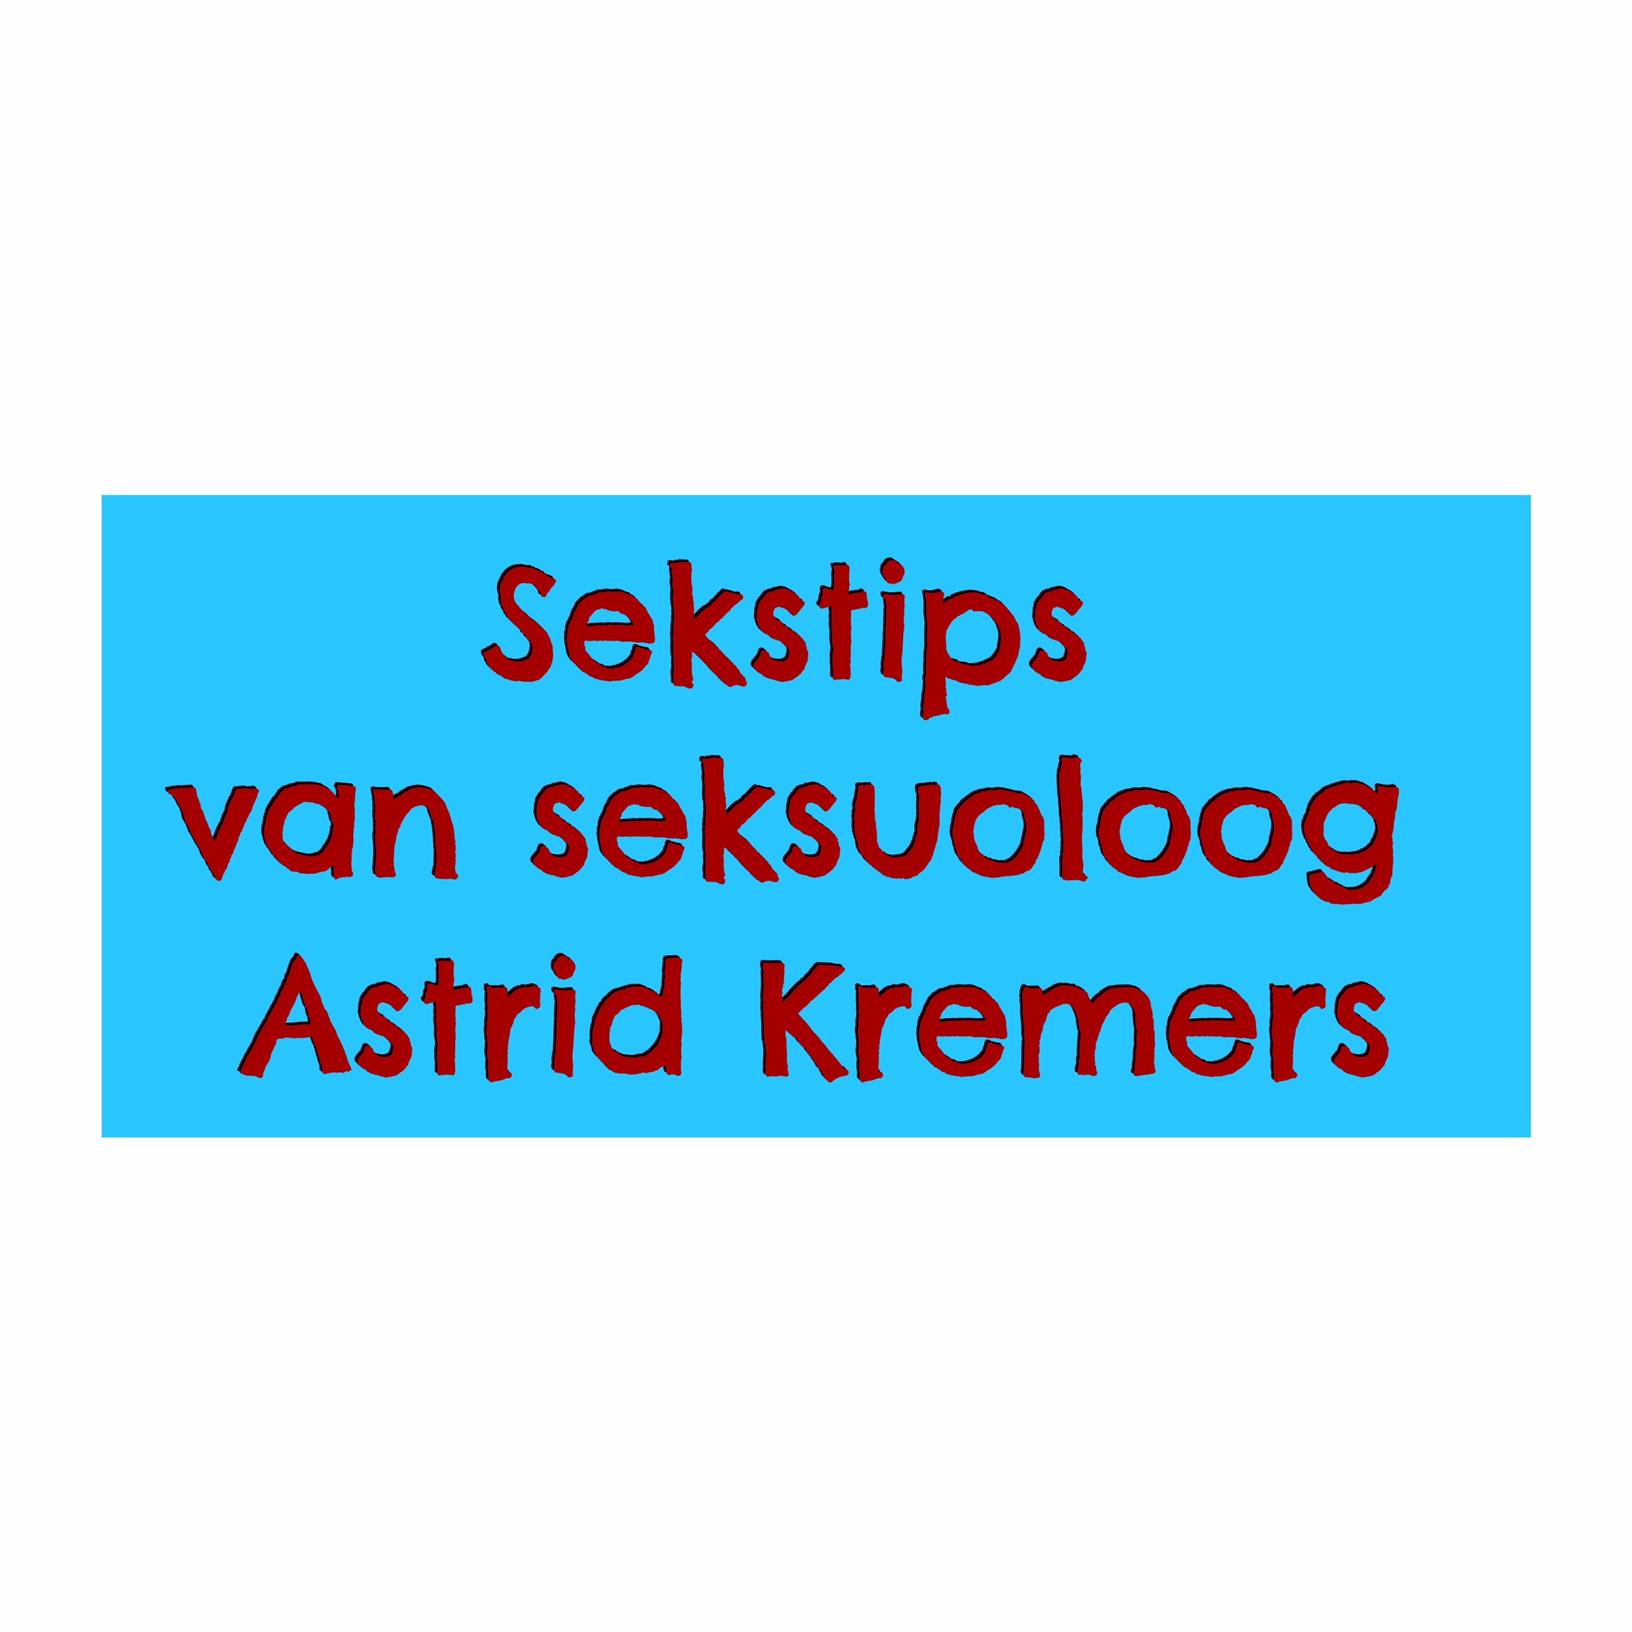 Sekstips van seksuoloog Astrid Kremers